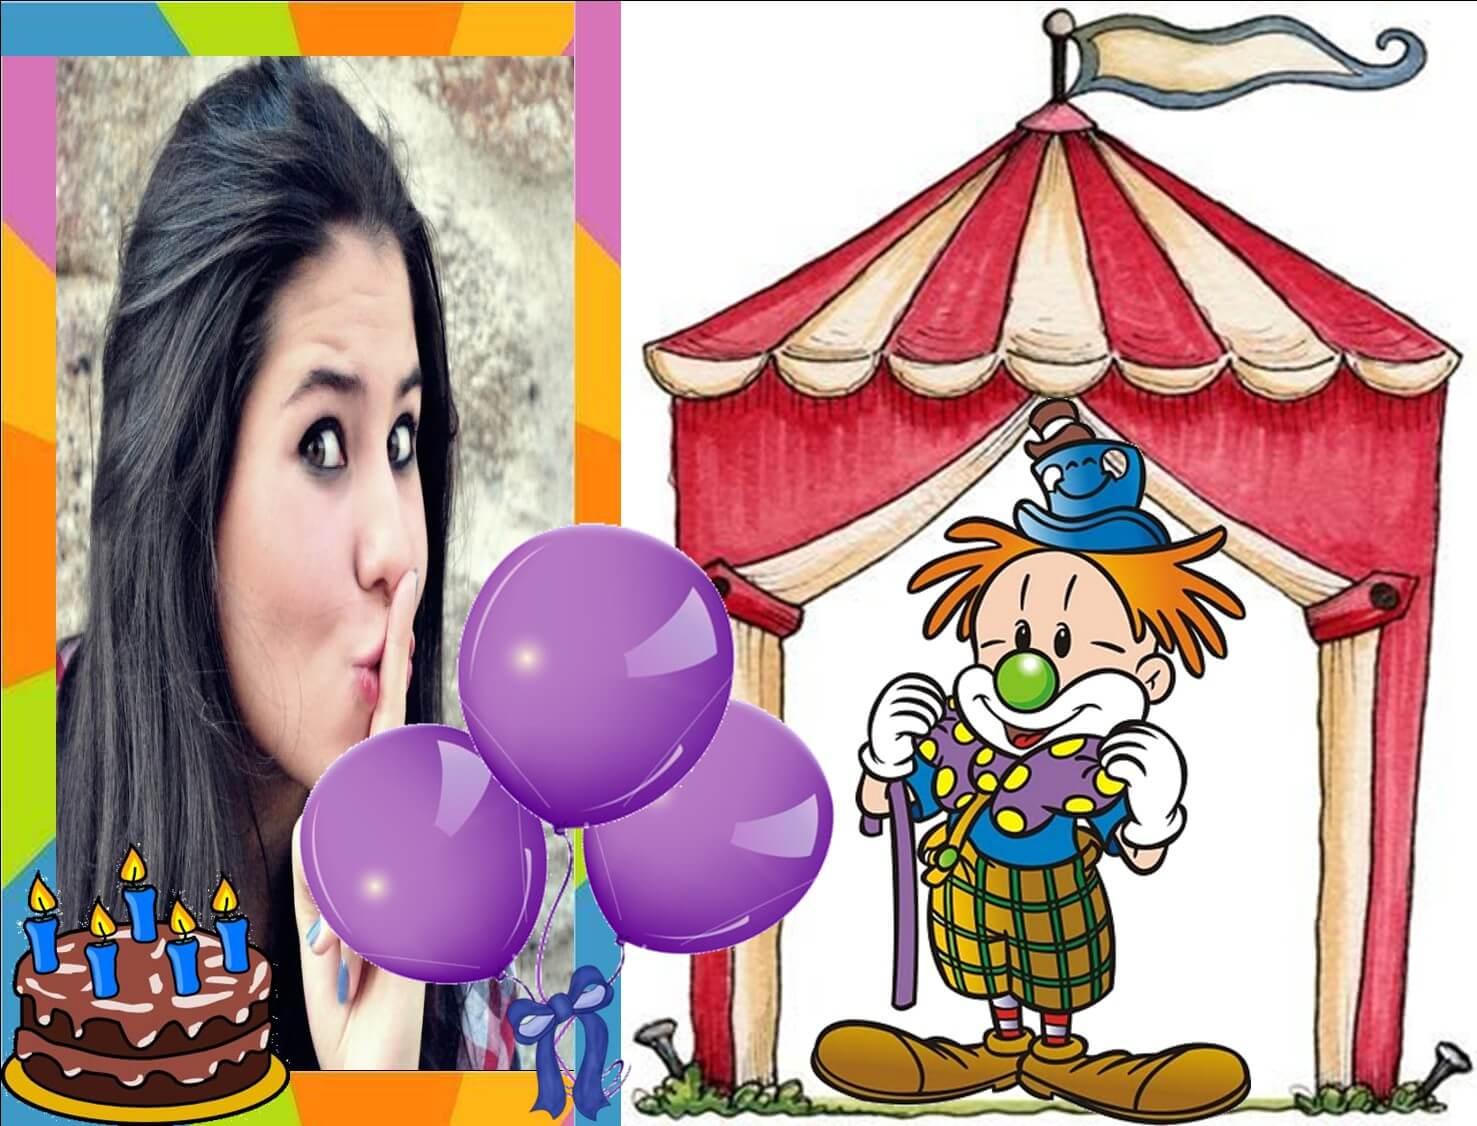 imagem-para-montagem-de-aniversario-no-circo-com-palhaco